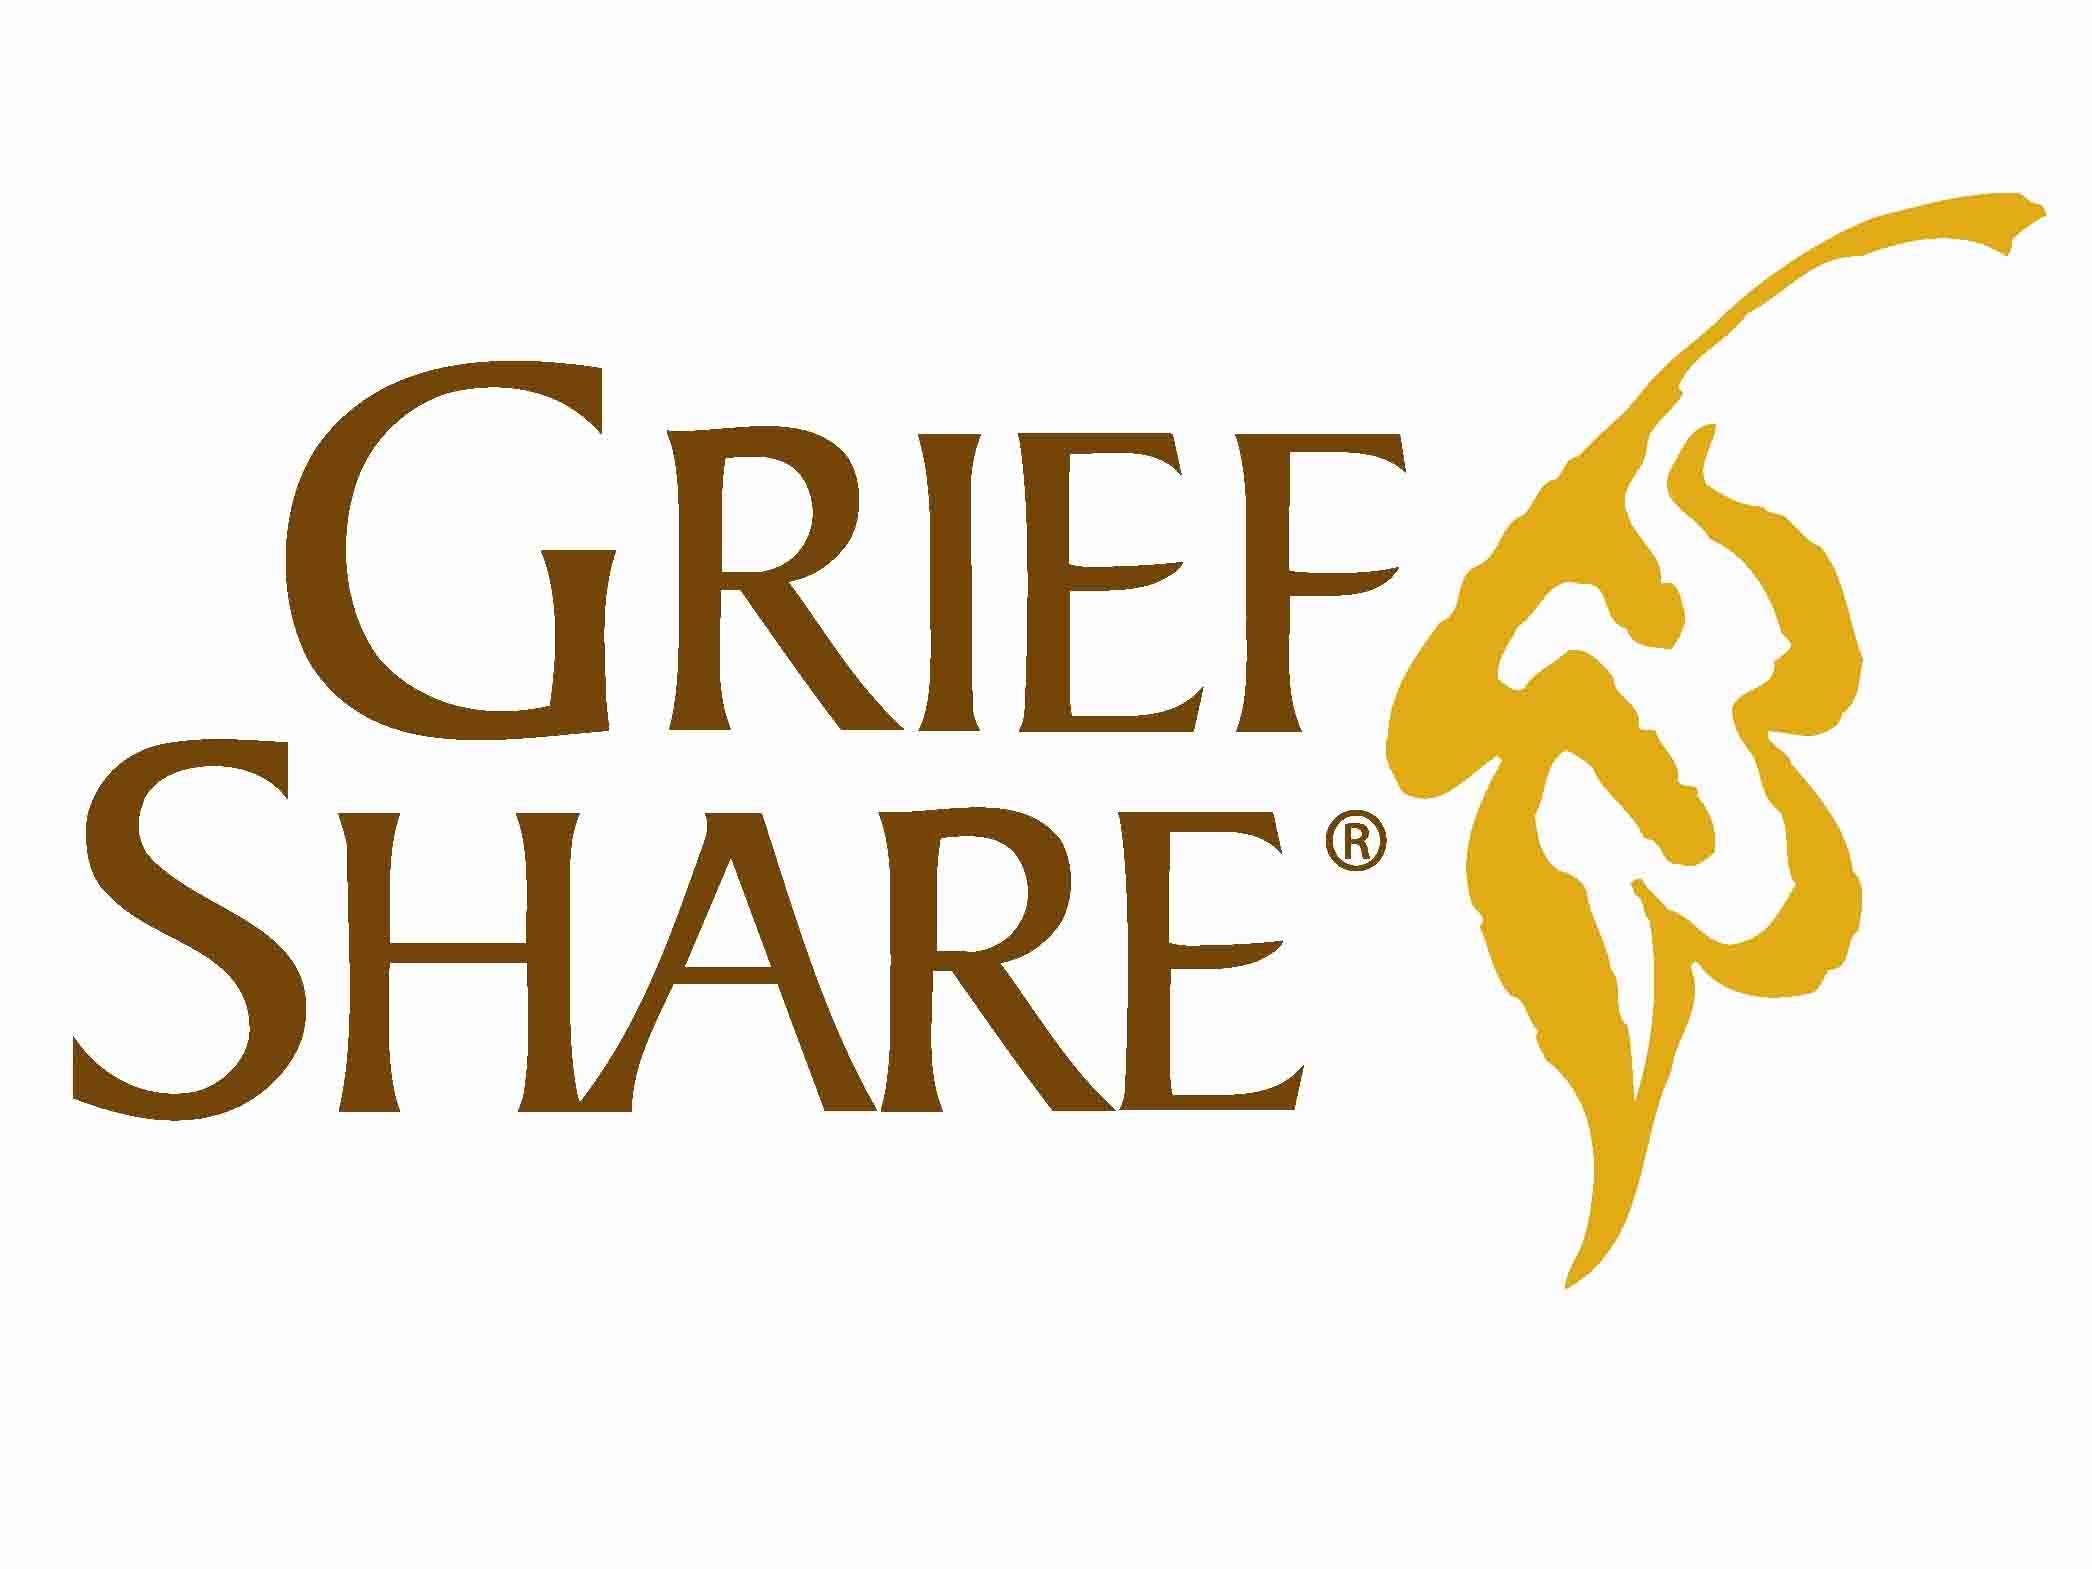 Grief share logo